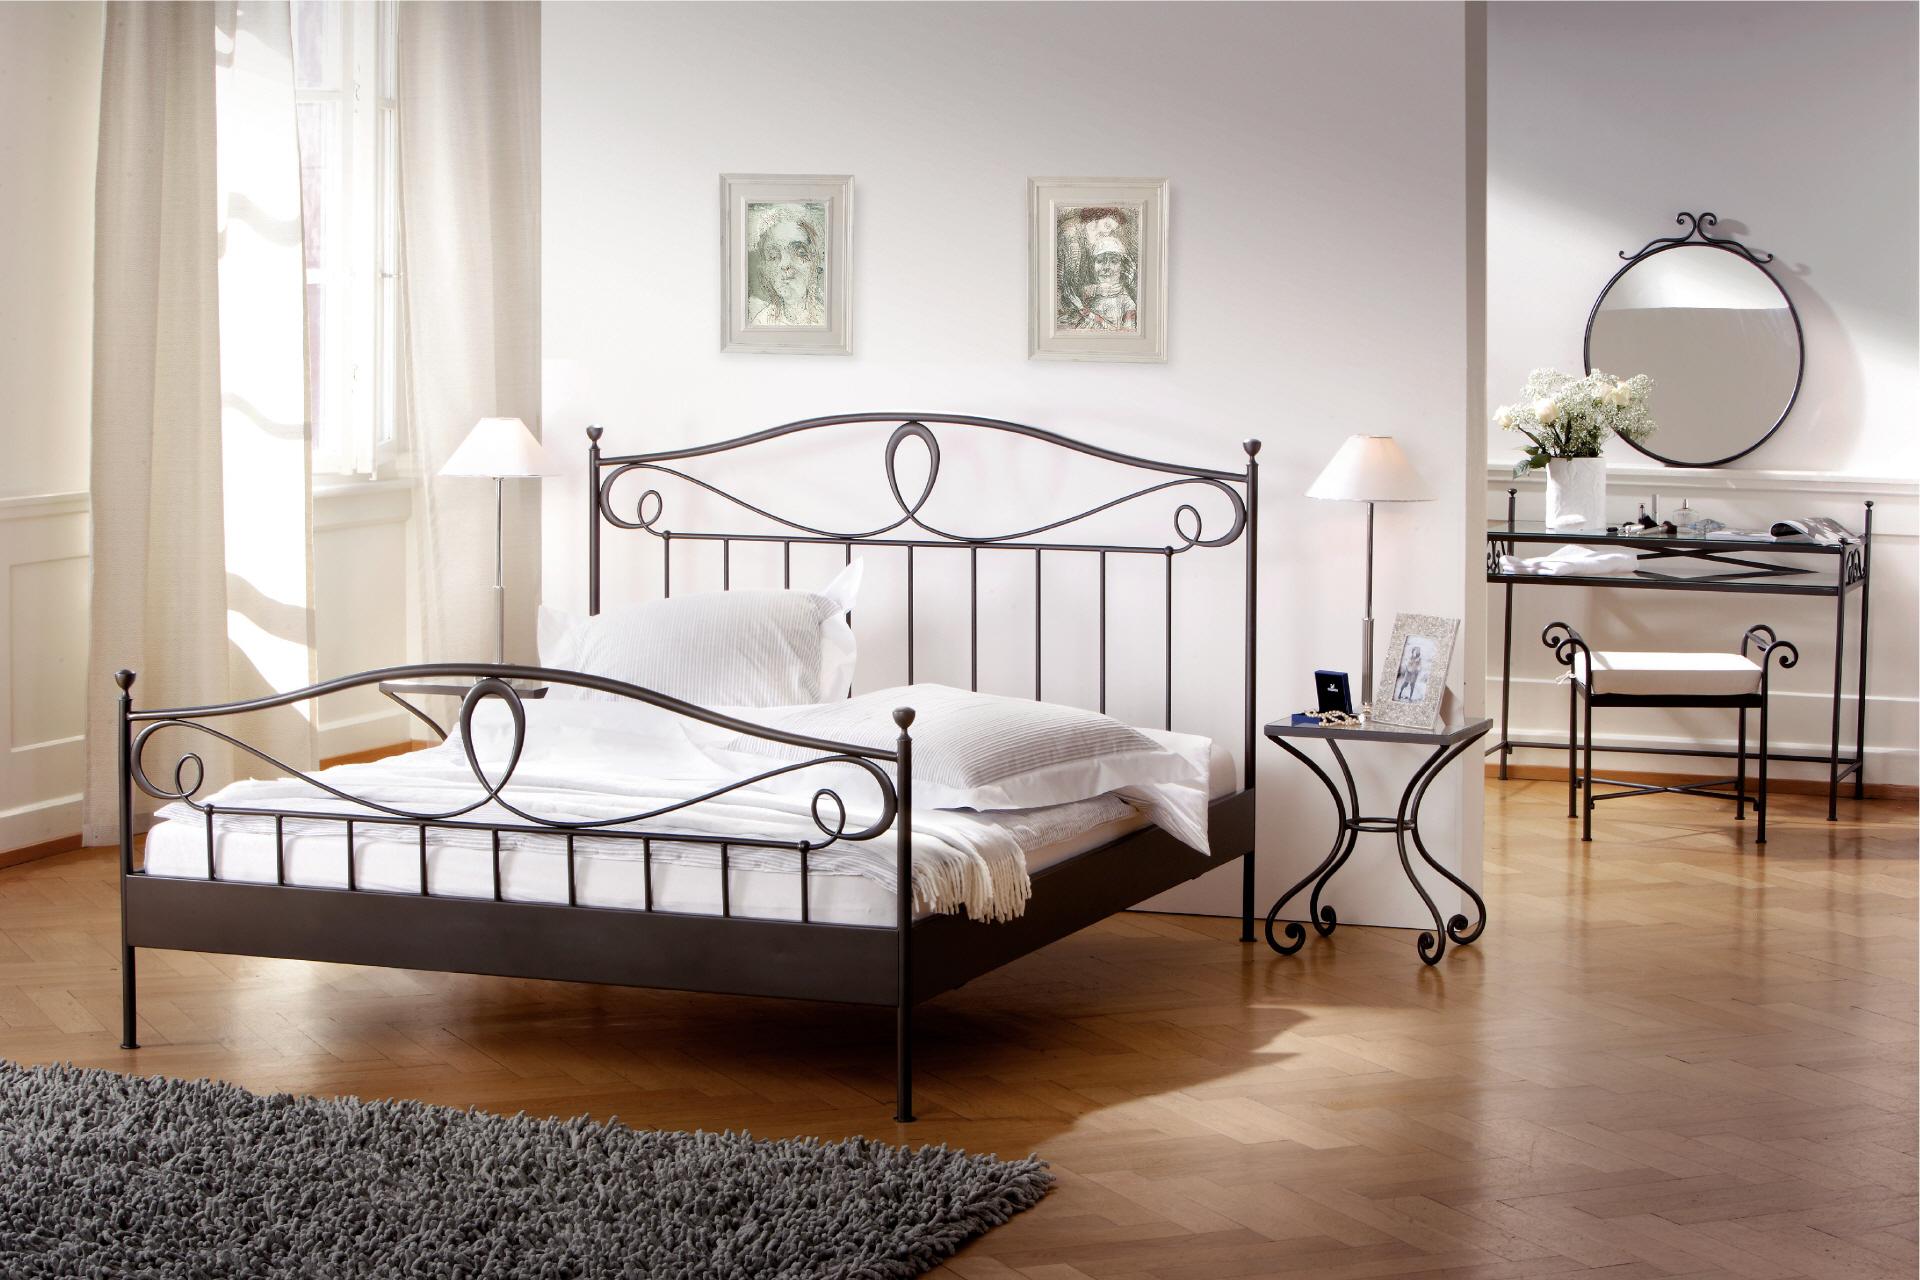 Full Size of Metallbett 100x200 Hasena Romantic Lurano Bett Weiß Betten Wohnzimmer Metallbett 100x200